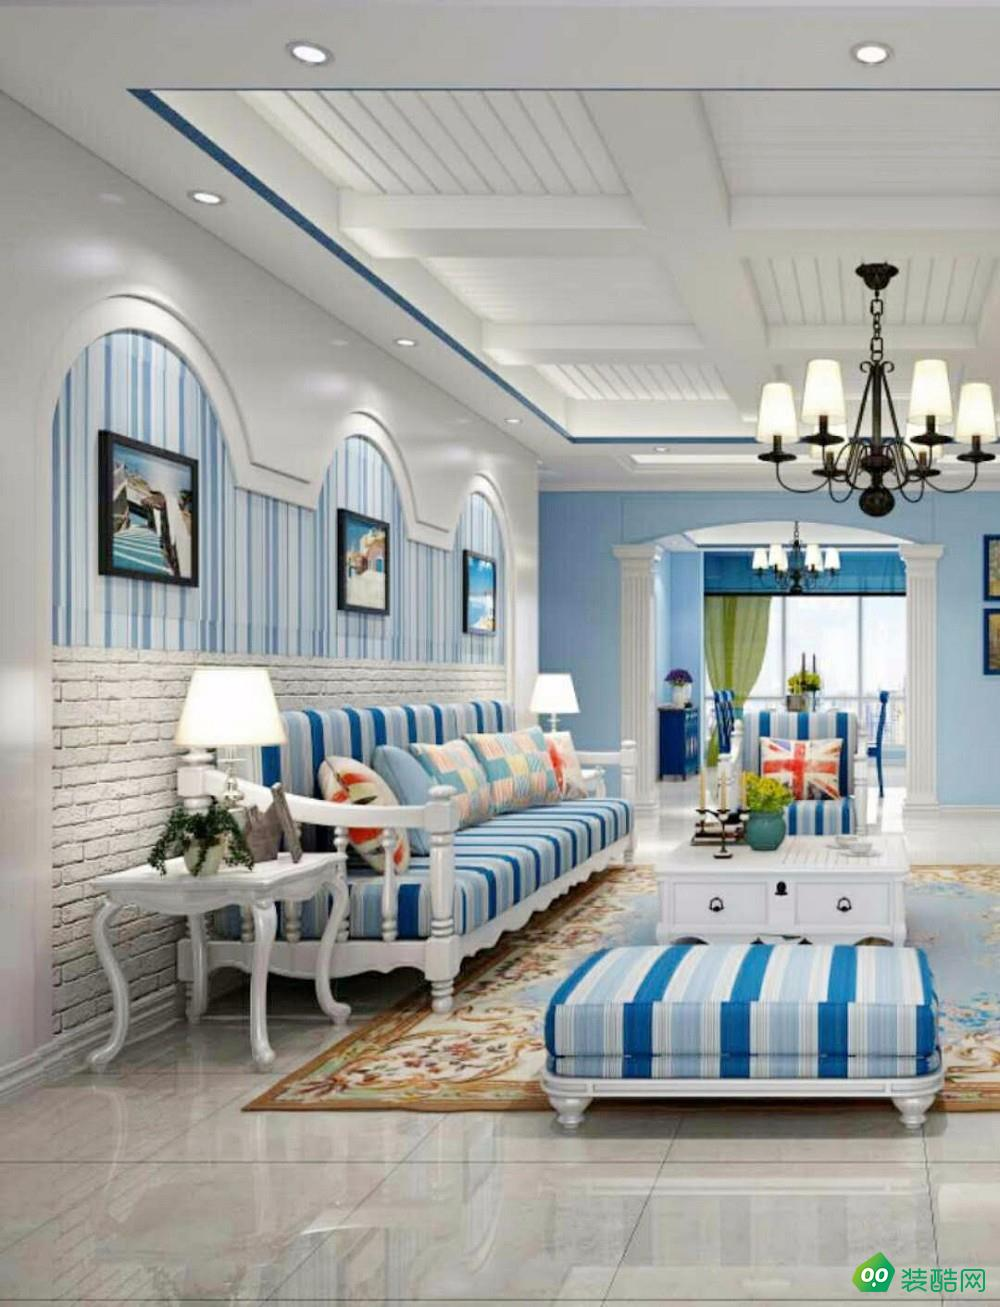 汇福山庄-120平米3居室-地中海风格装修效果图